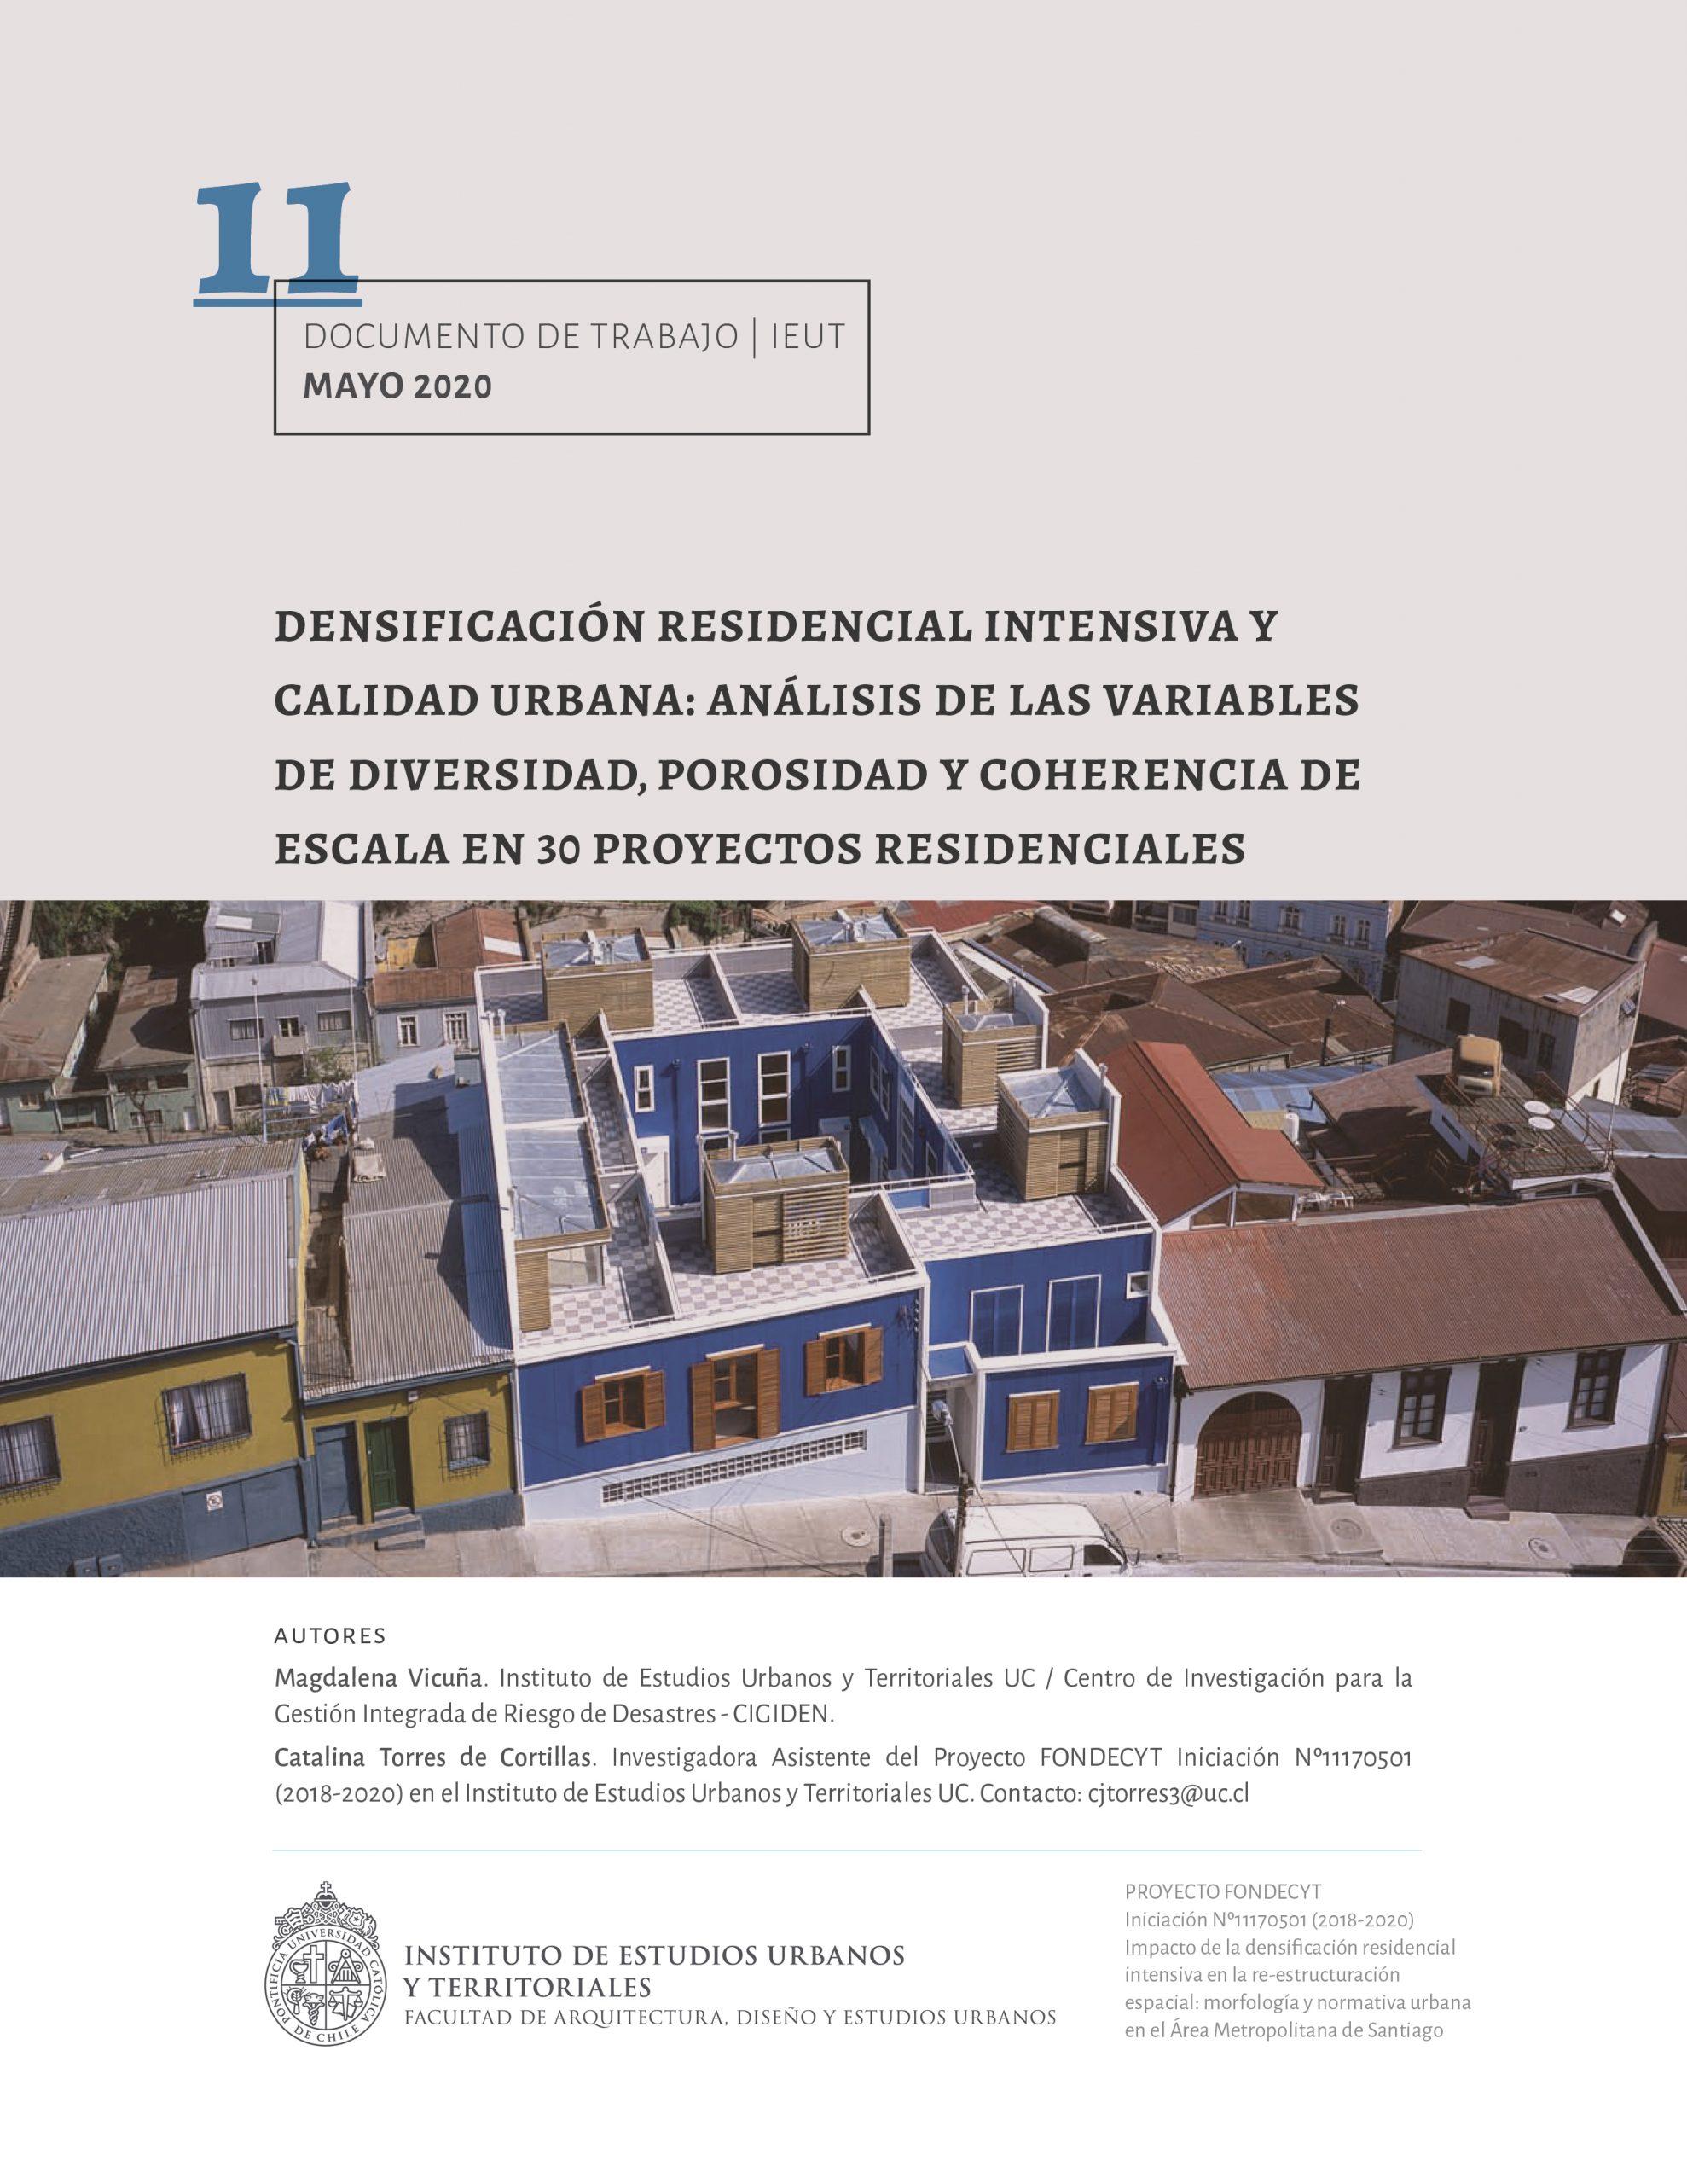 Densificación residencial intensiva y calidad urbana: análisis de las variables de diversidad, porosidad y coherencia de escala en 30 proyectos residenciales